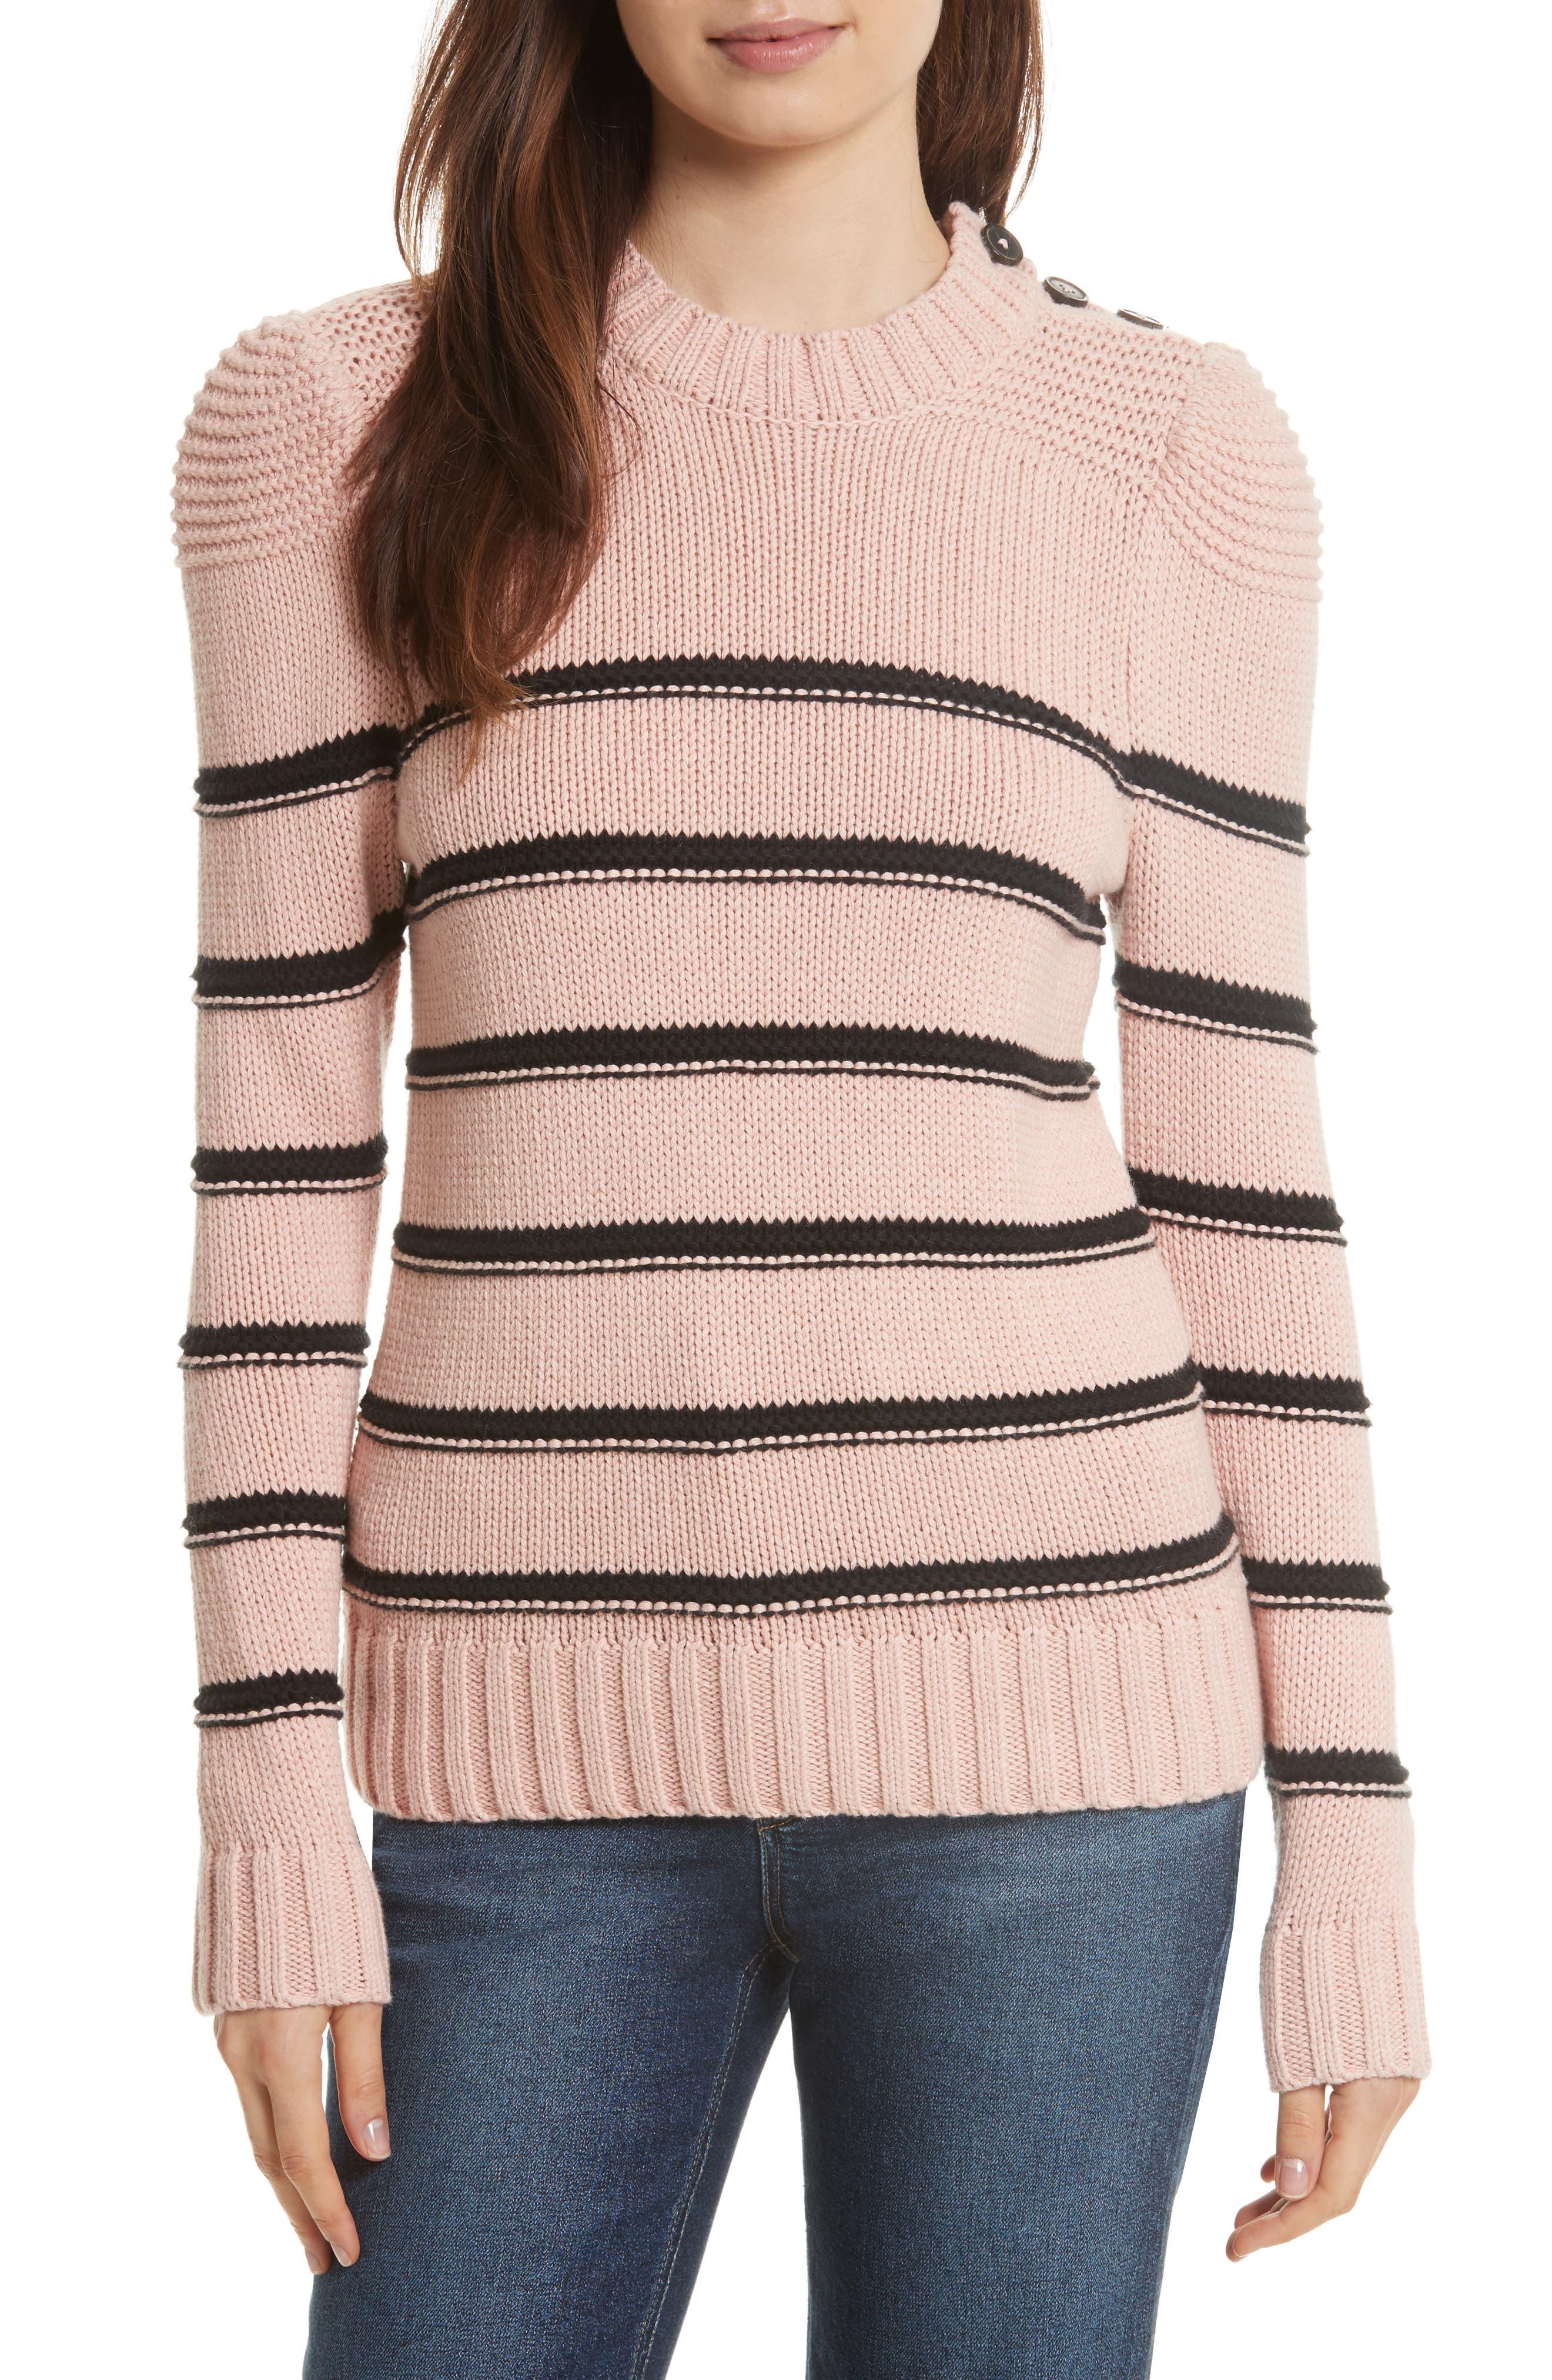 La Vie Rebecca Taylor Stripe Cotton & Merino Wool Sweater